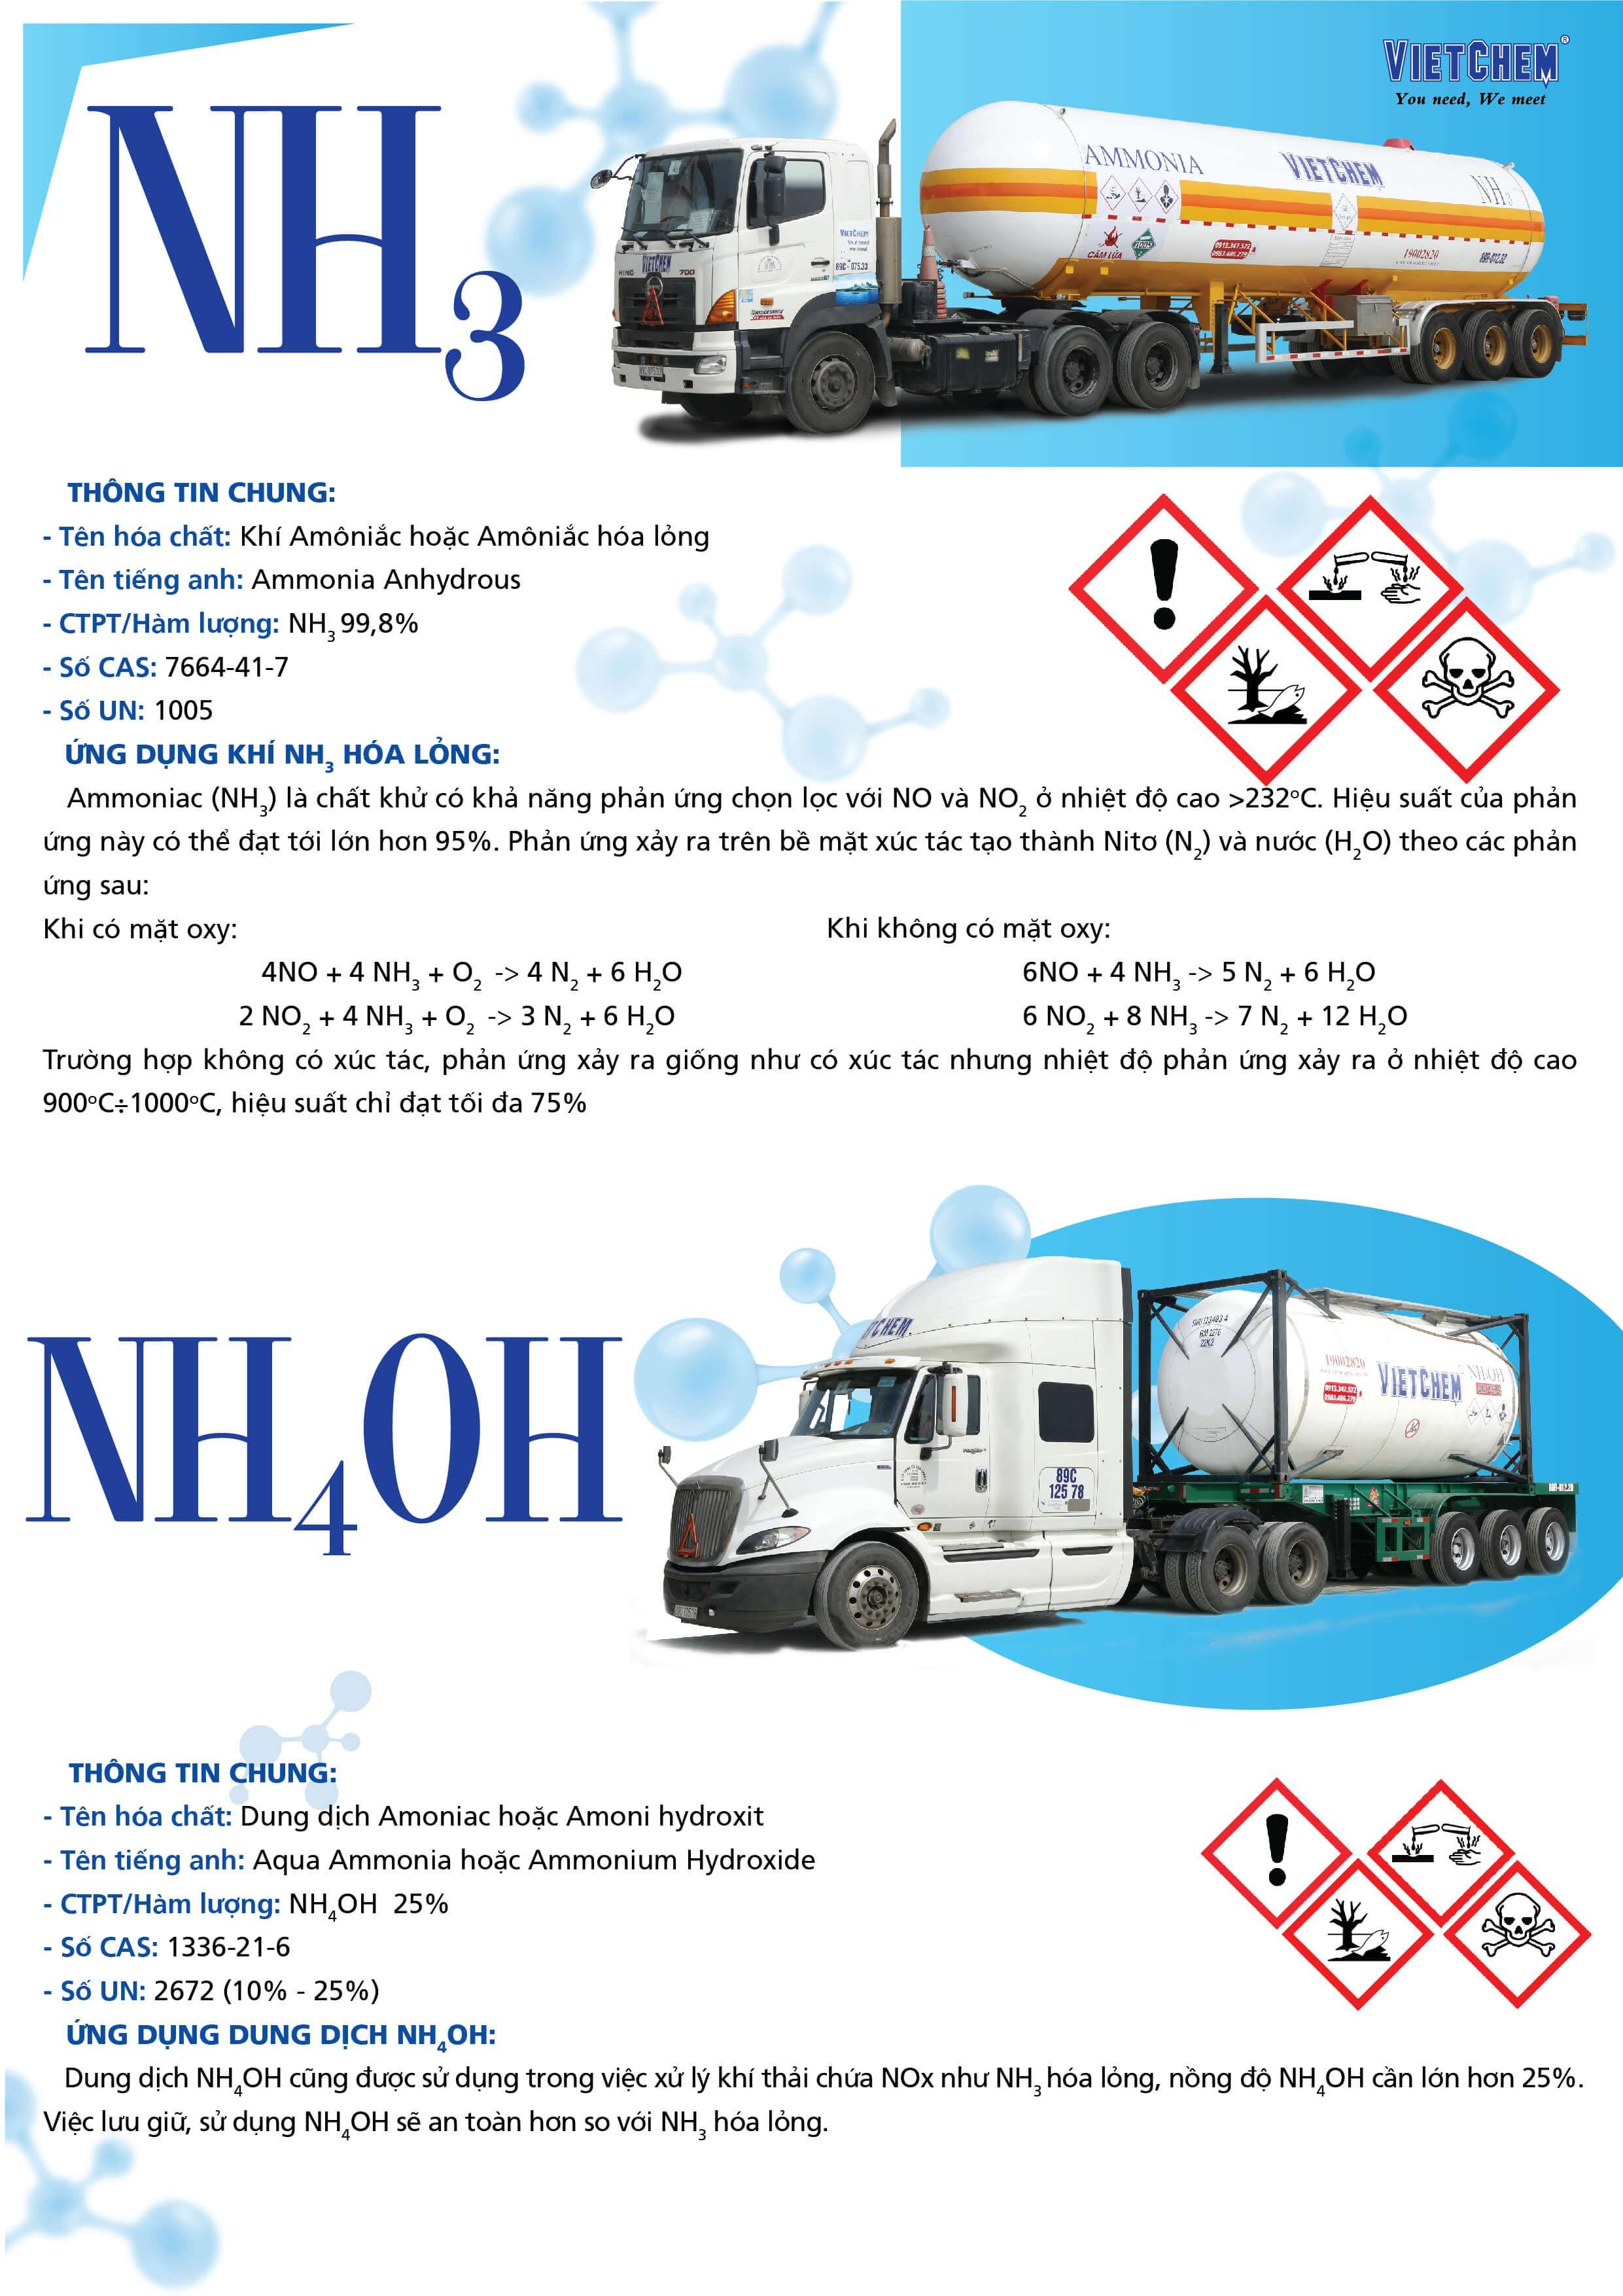 Mua khí amoniac (NH3) ở đâu giá tốt, chất lượng, uy tín 2